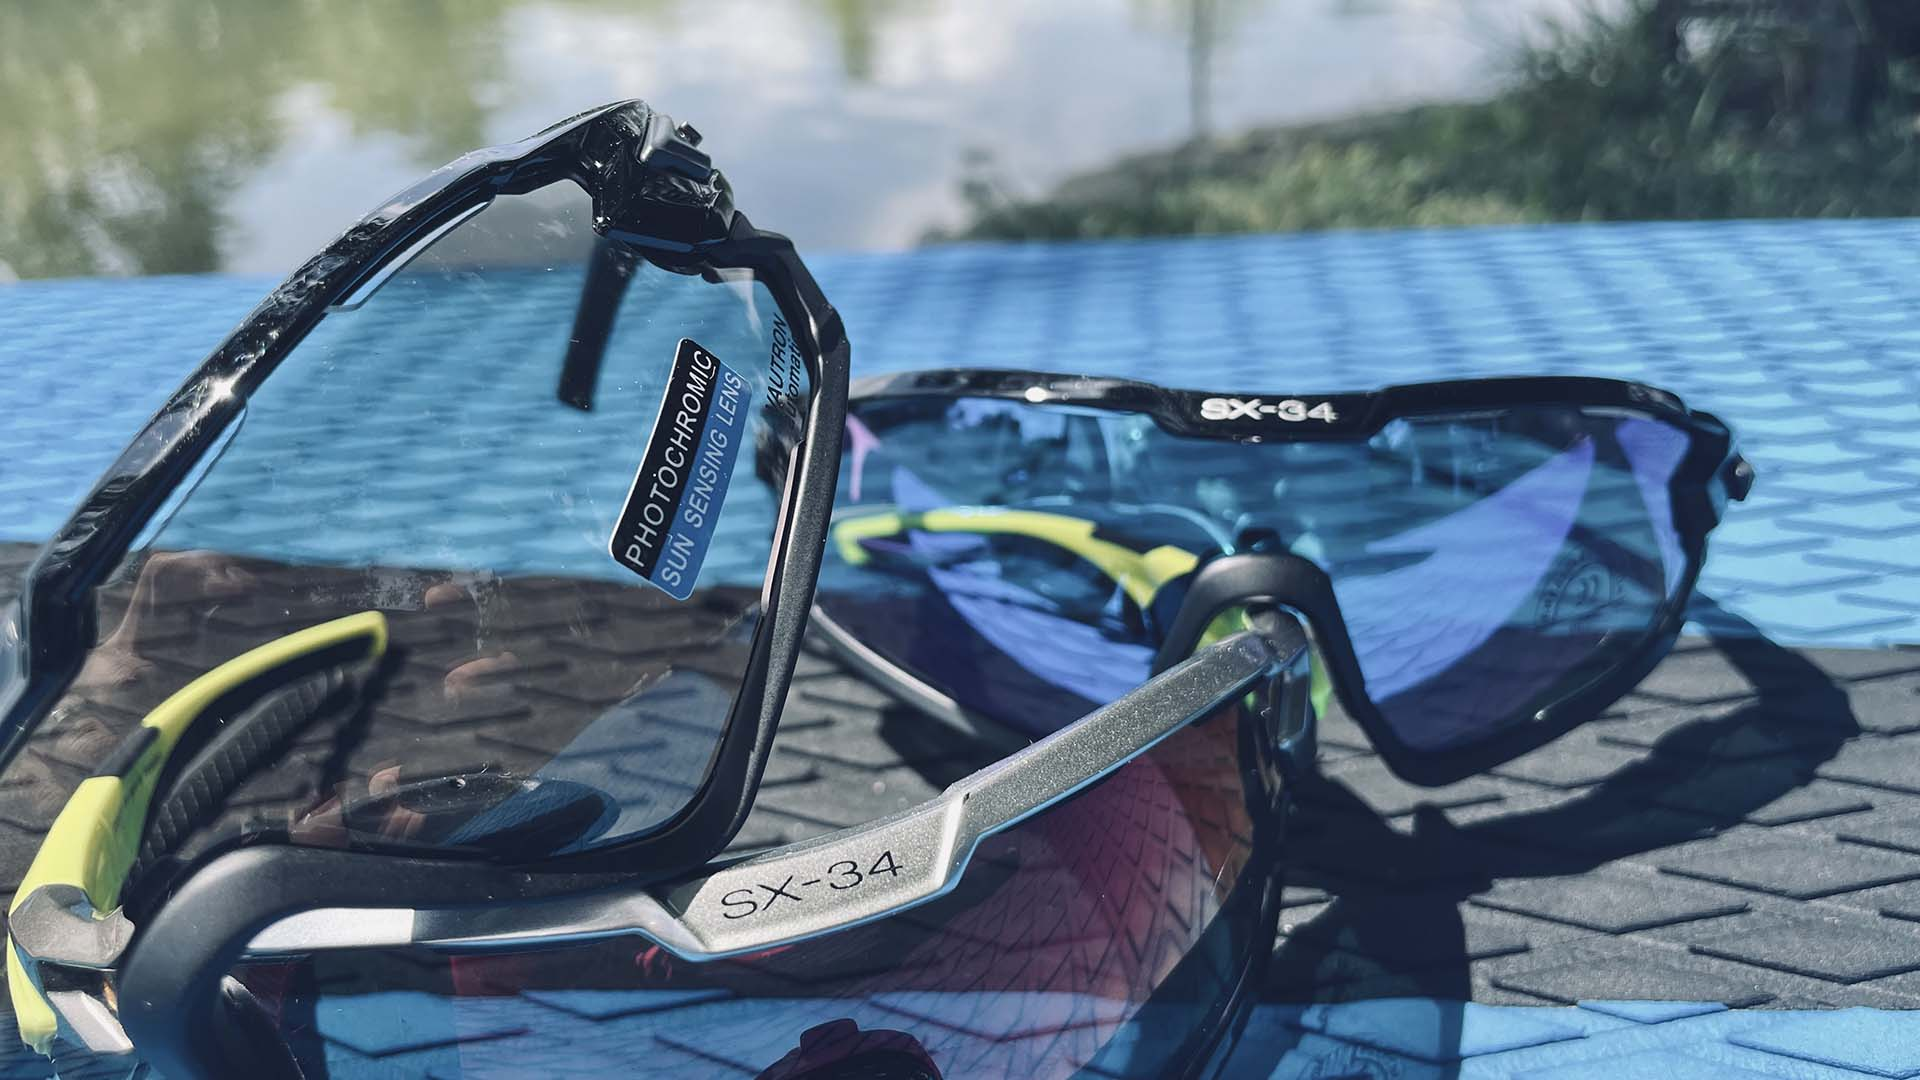 Nyerj CASCO SX-34 sportszemüveget-6